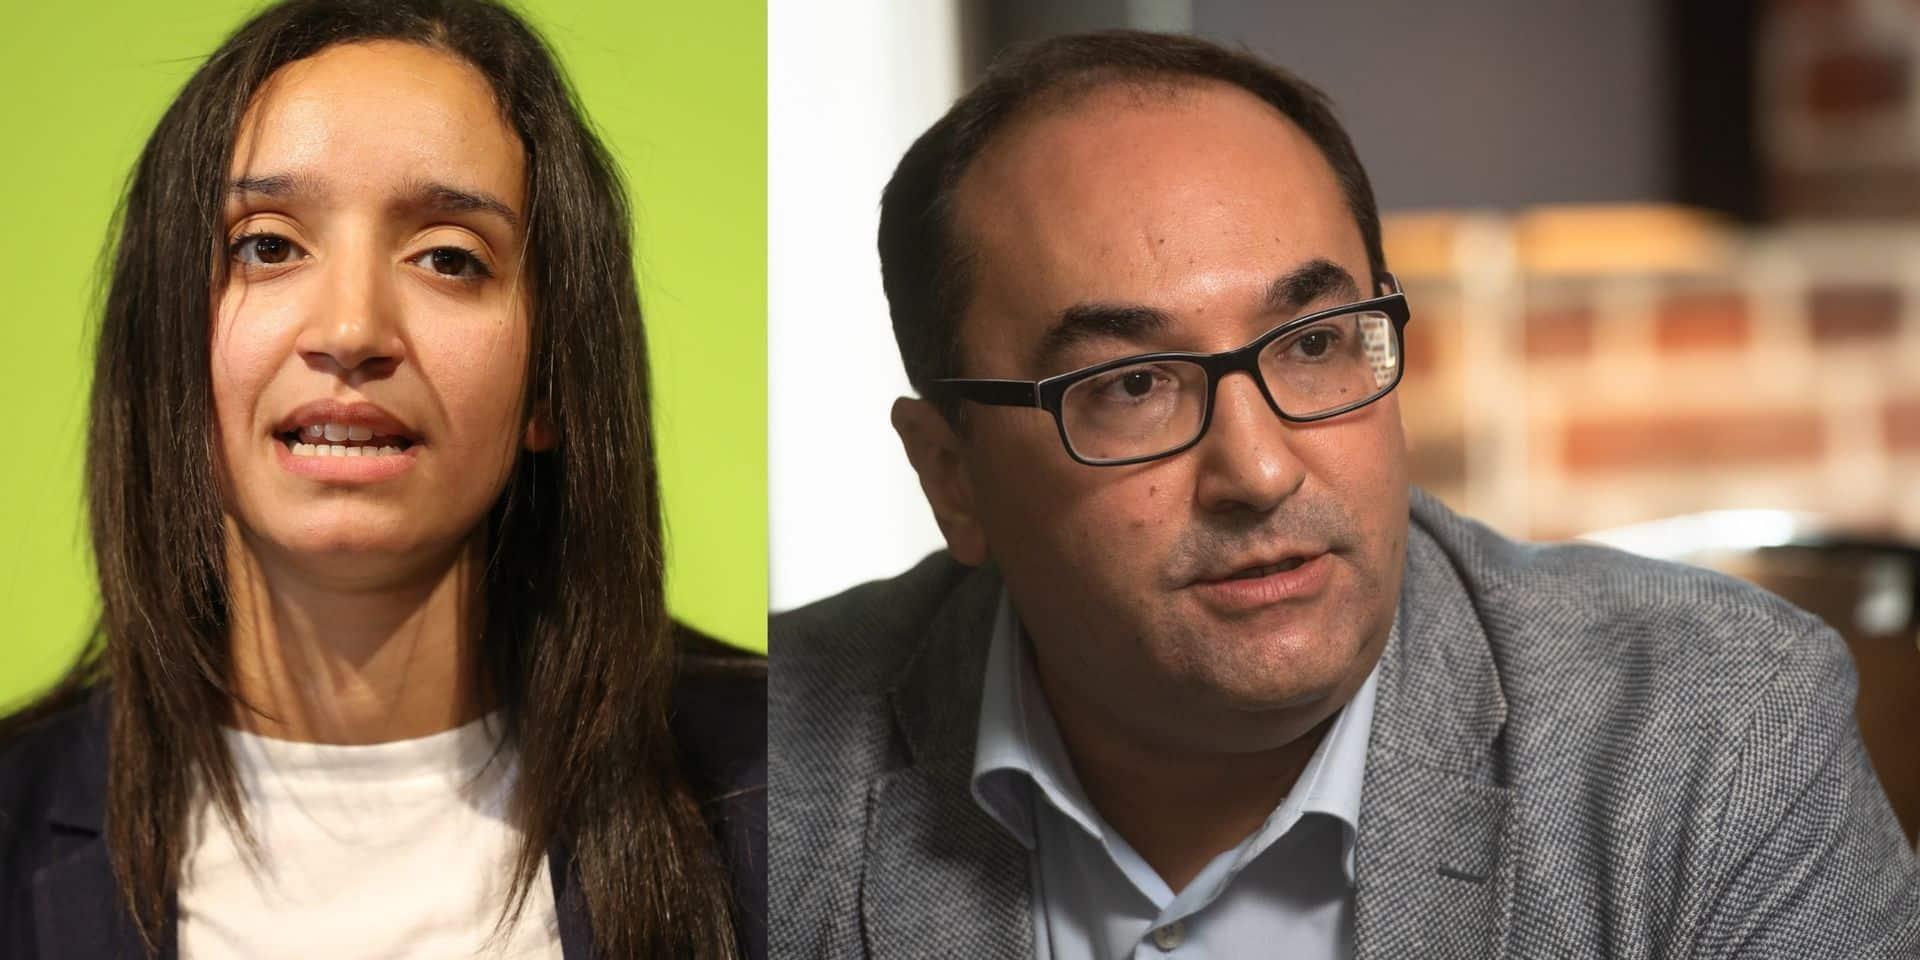 La N-VA est dans le déni de Bruxelles, accuse le PS; on ne peut nier Bruxelles, dit Ecolo